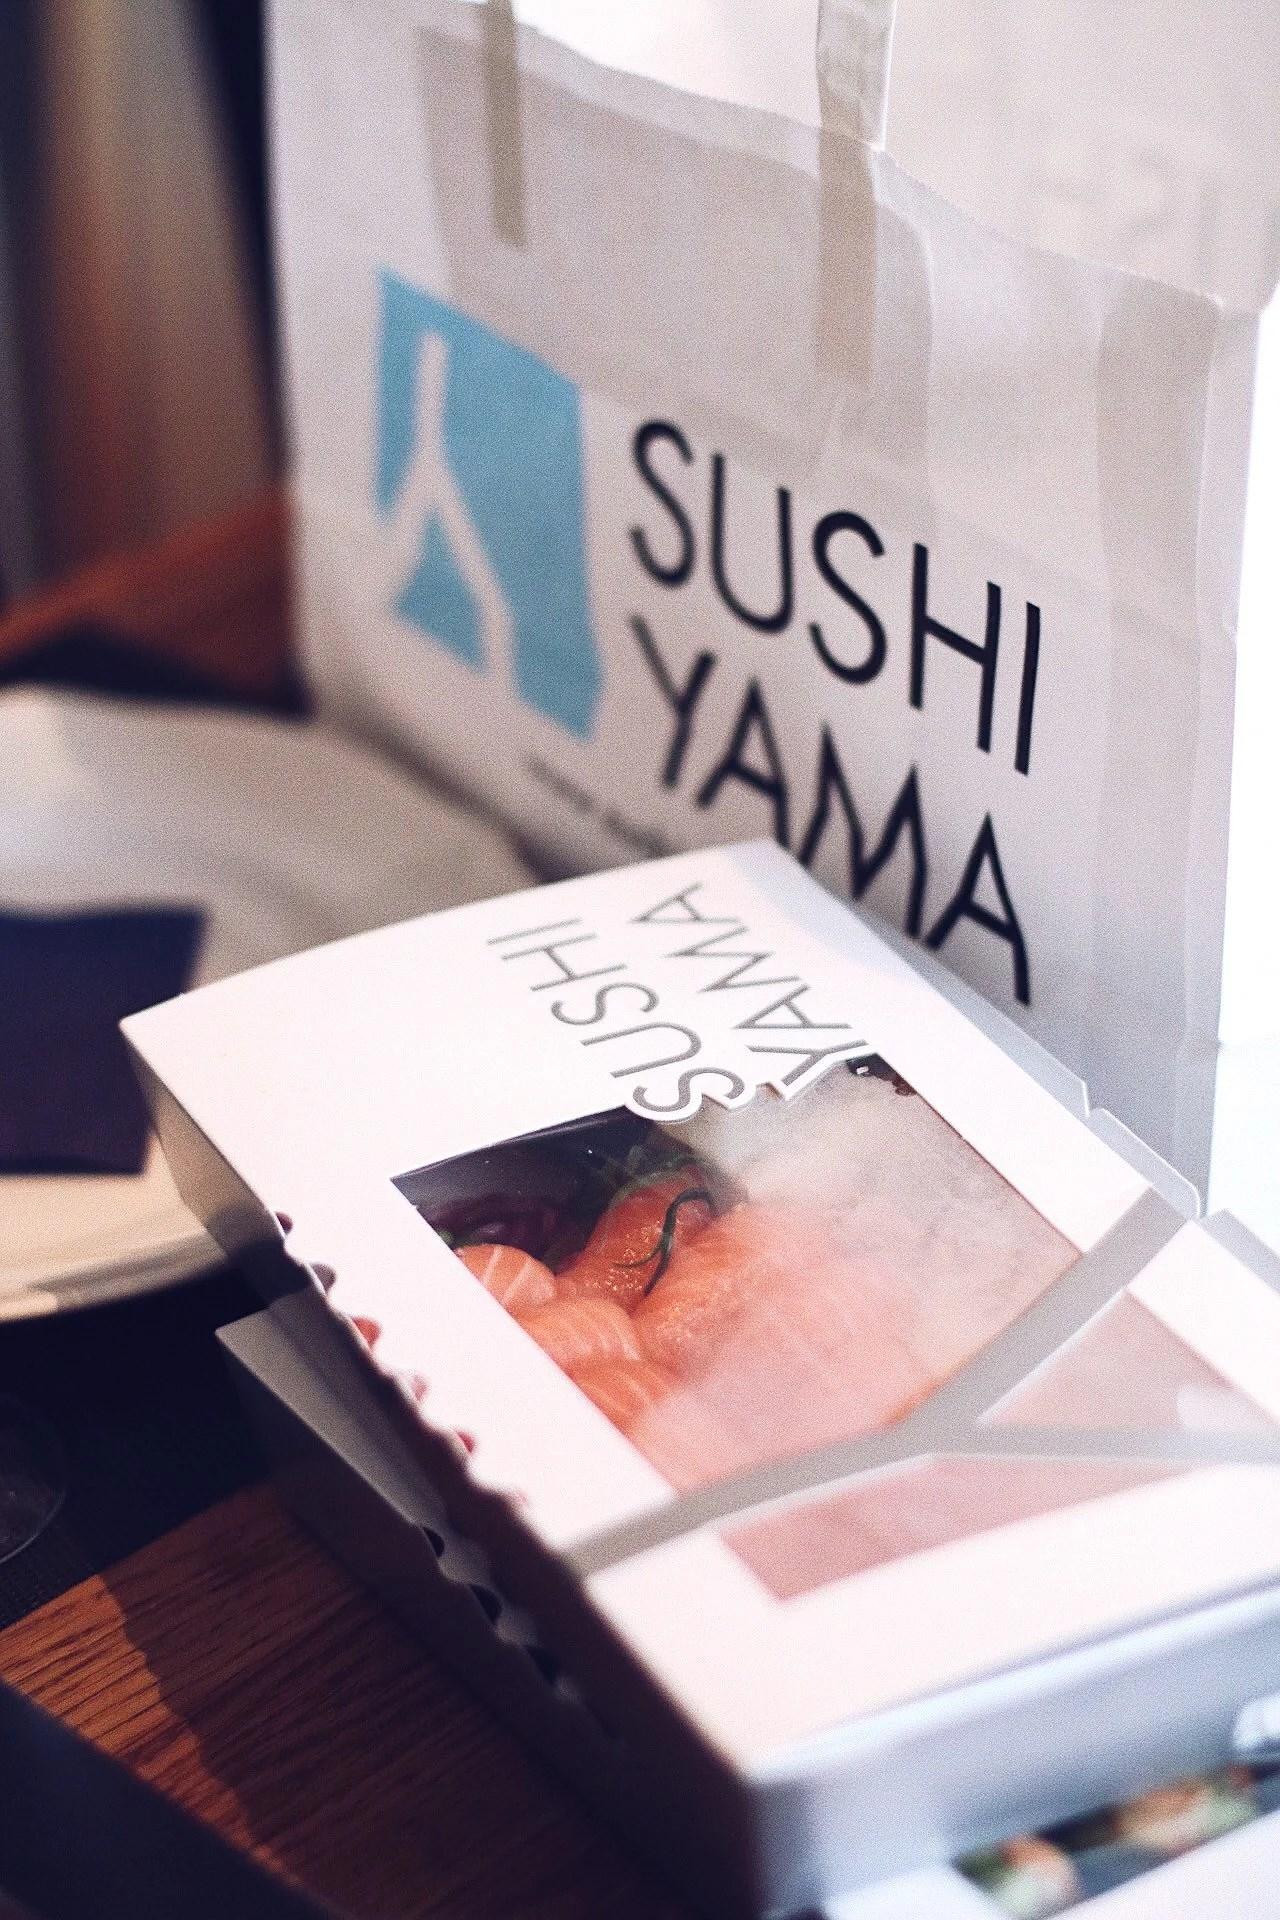 Sushi Yama party platter